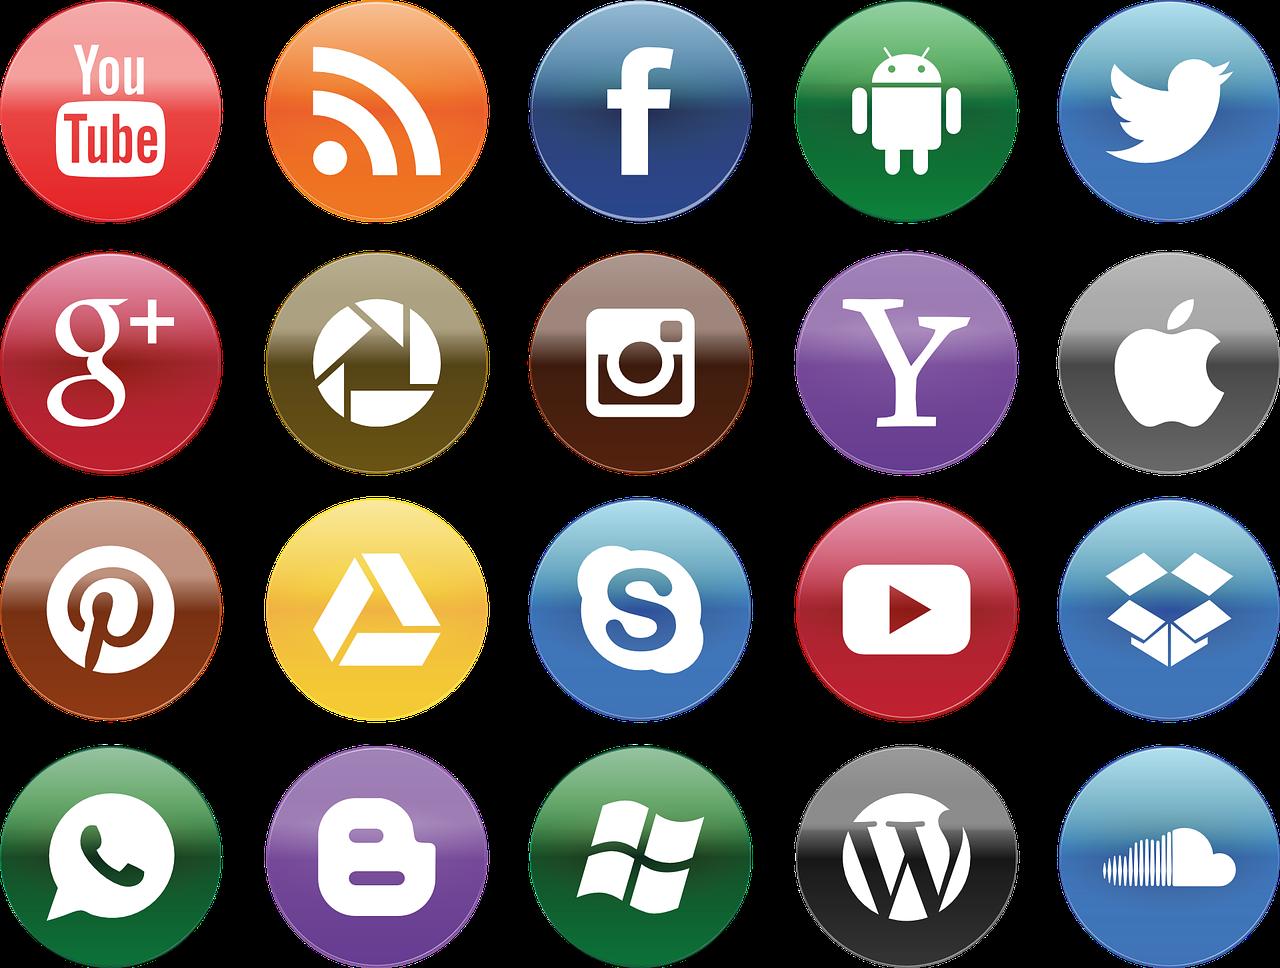 Création d'un site Internet Villejuif avec WordPress